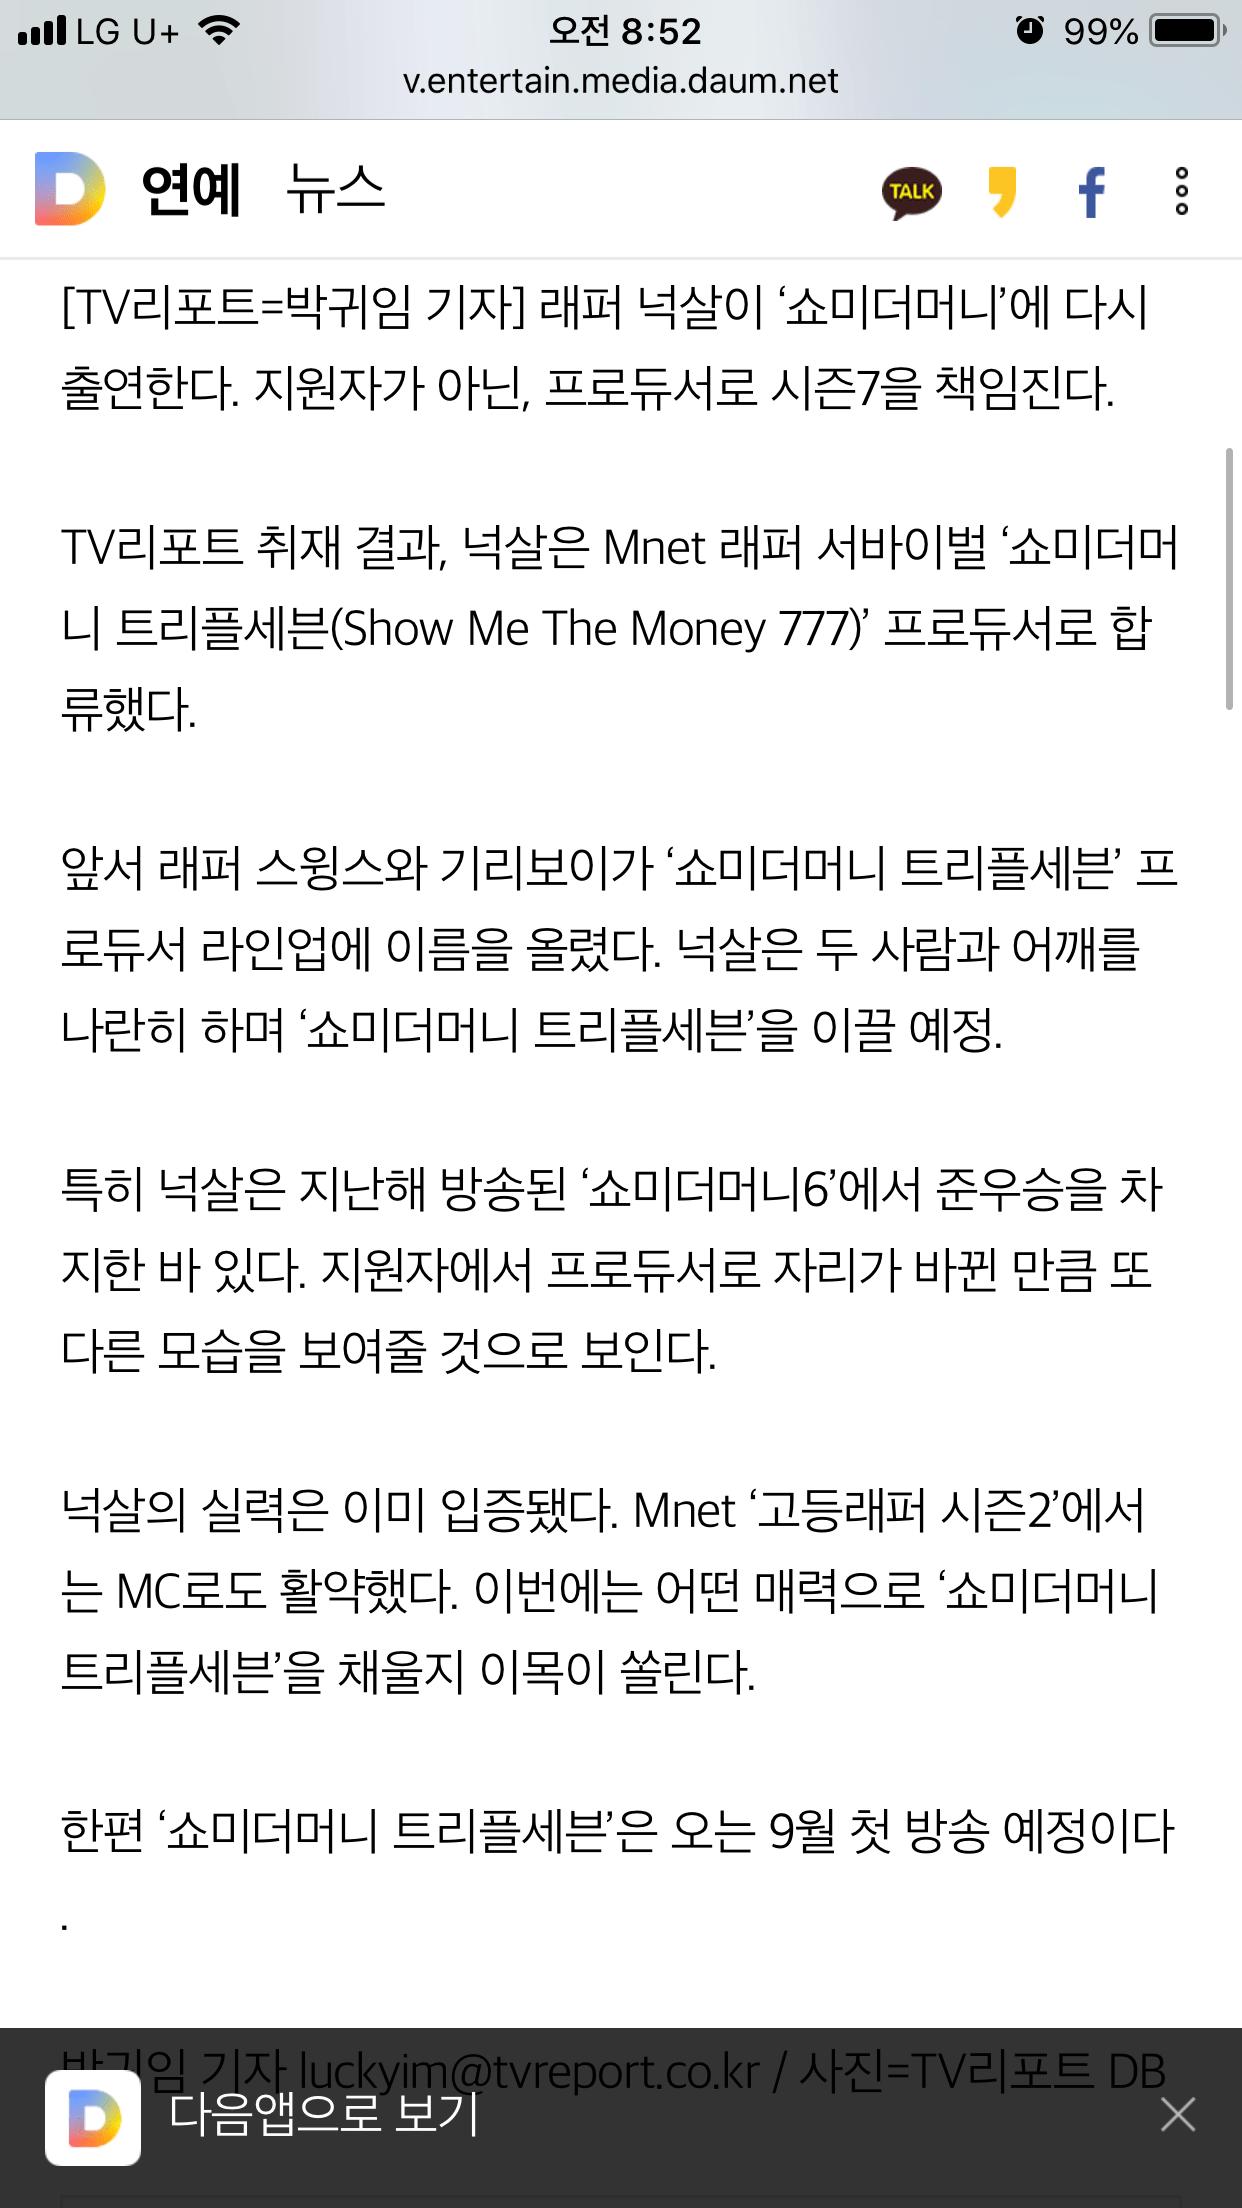 [단독] 래퍼 넉살, \'쇼미더머니\' 시즌7 프로듀서 됐다